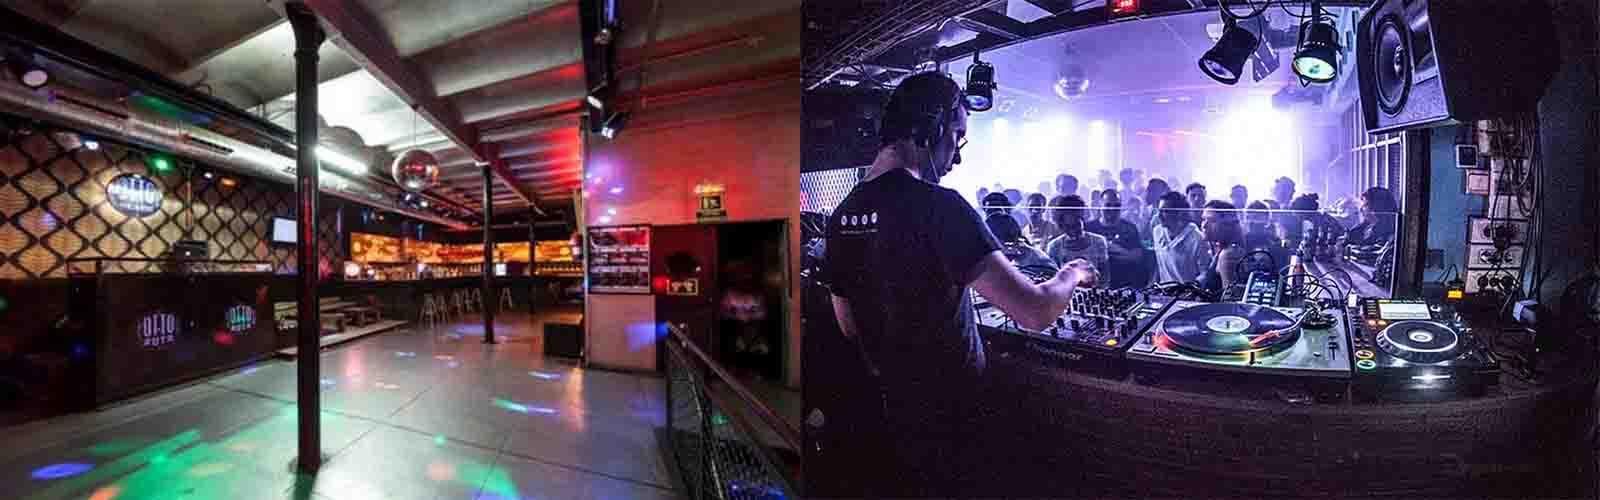 Nachtclub Moog is een goede plek voor een avondje uit met je vrienden